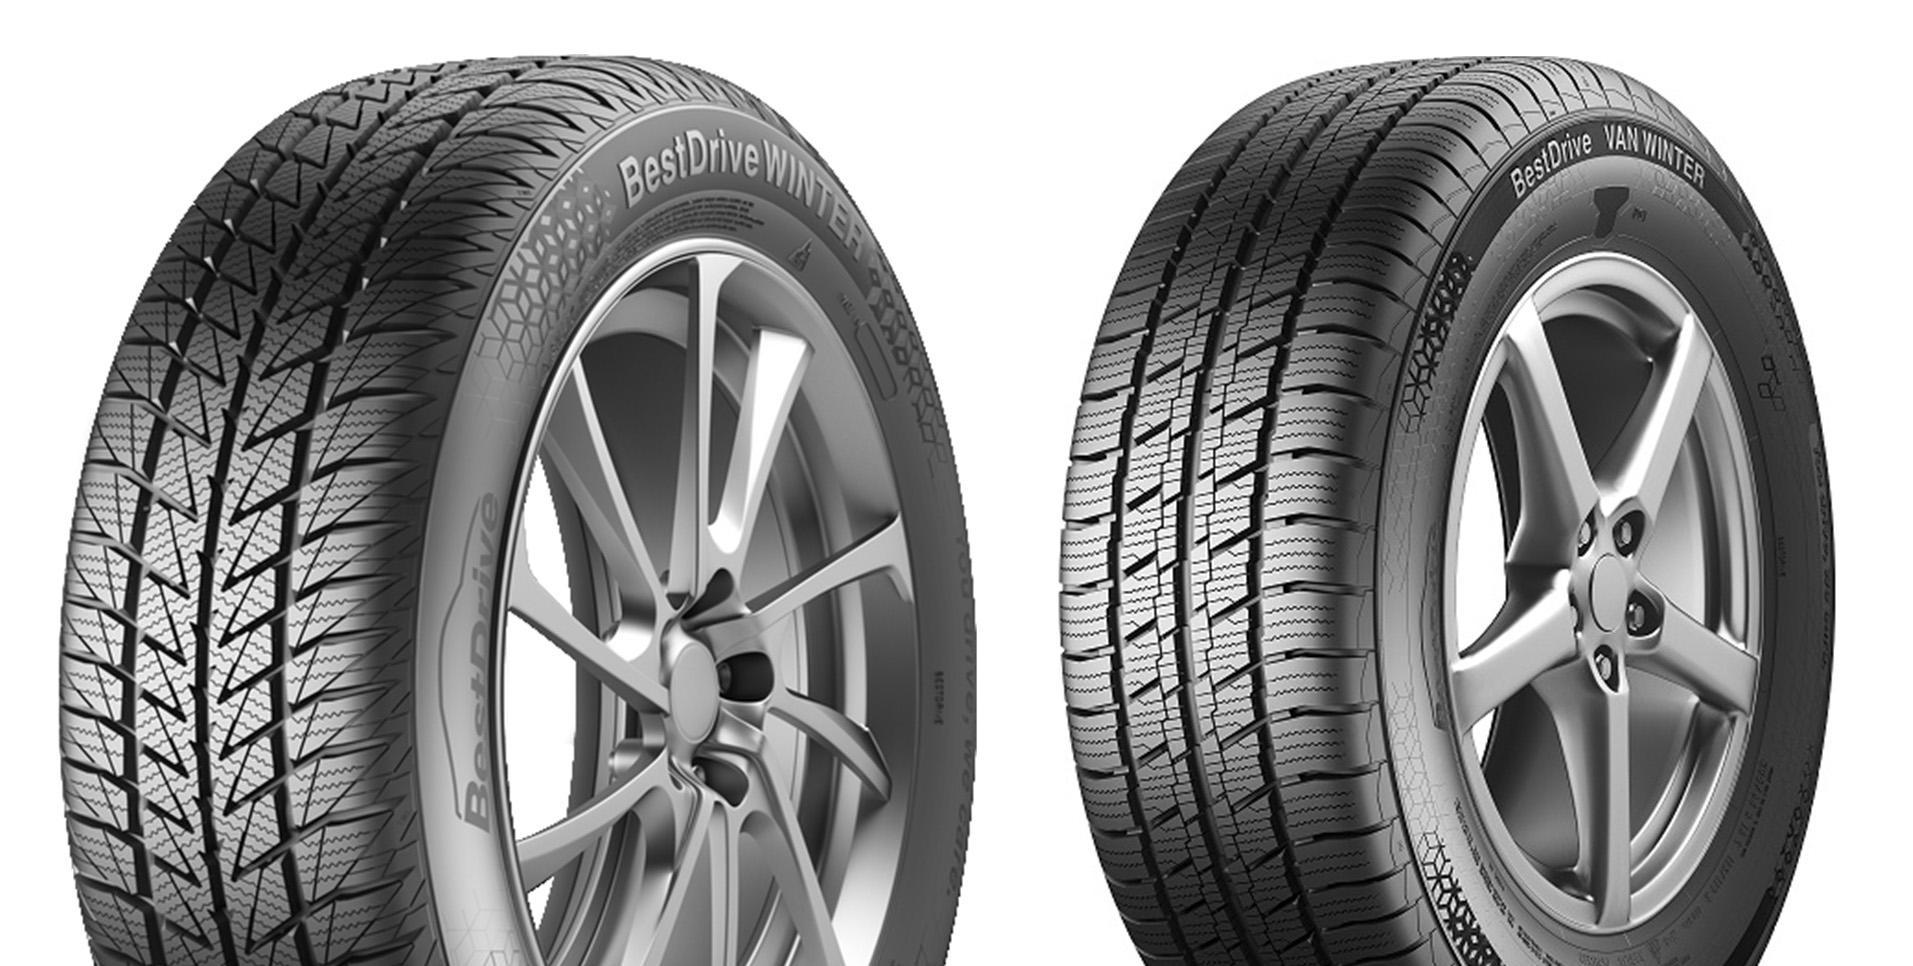 Новый европейский бренд BestDrive запускает зимнюю линейку пассажирских шин